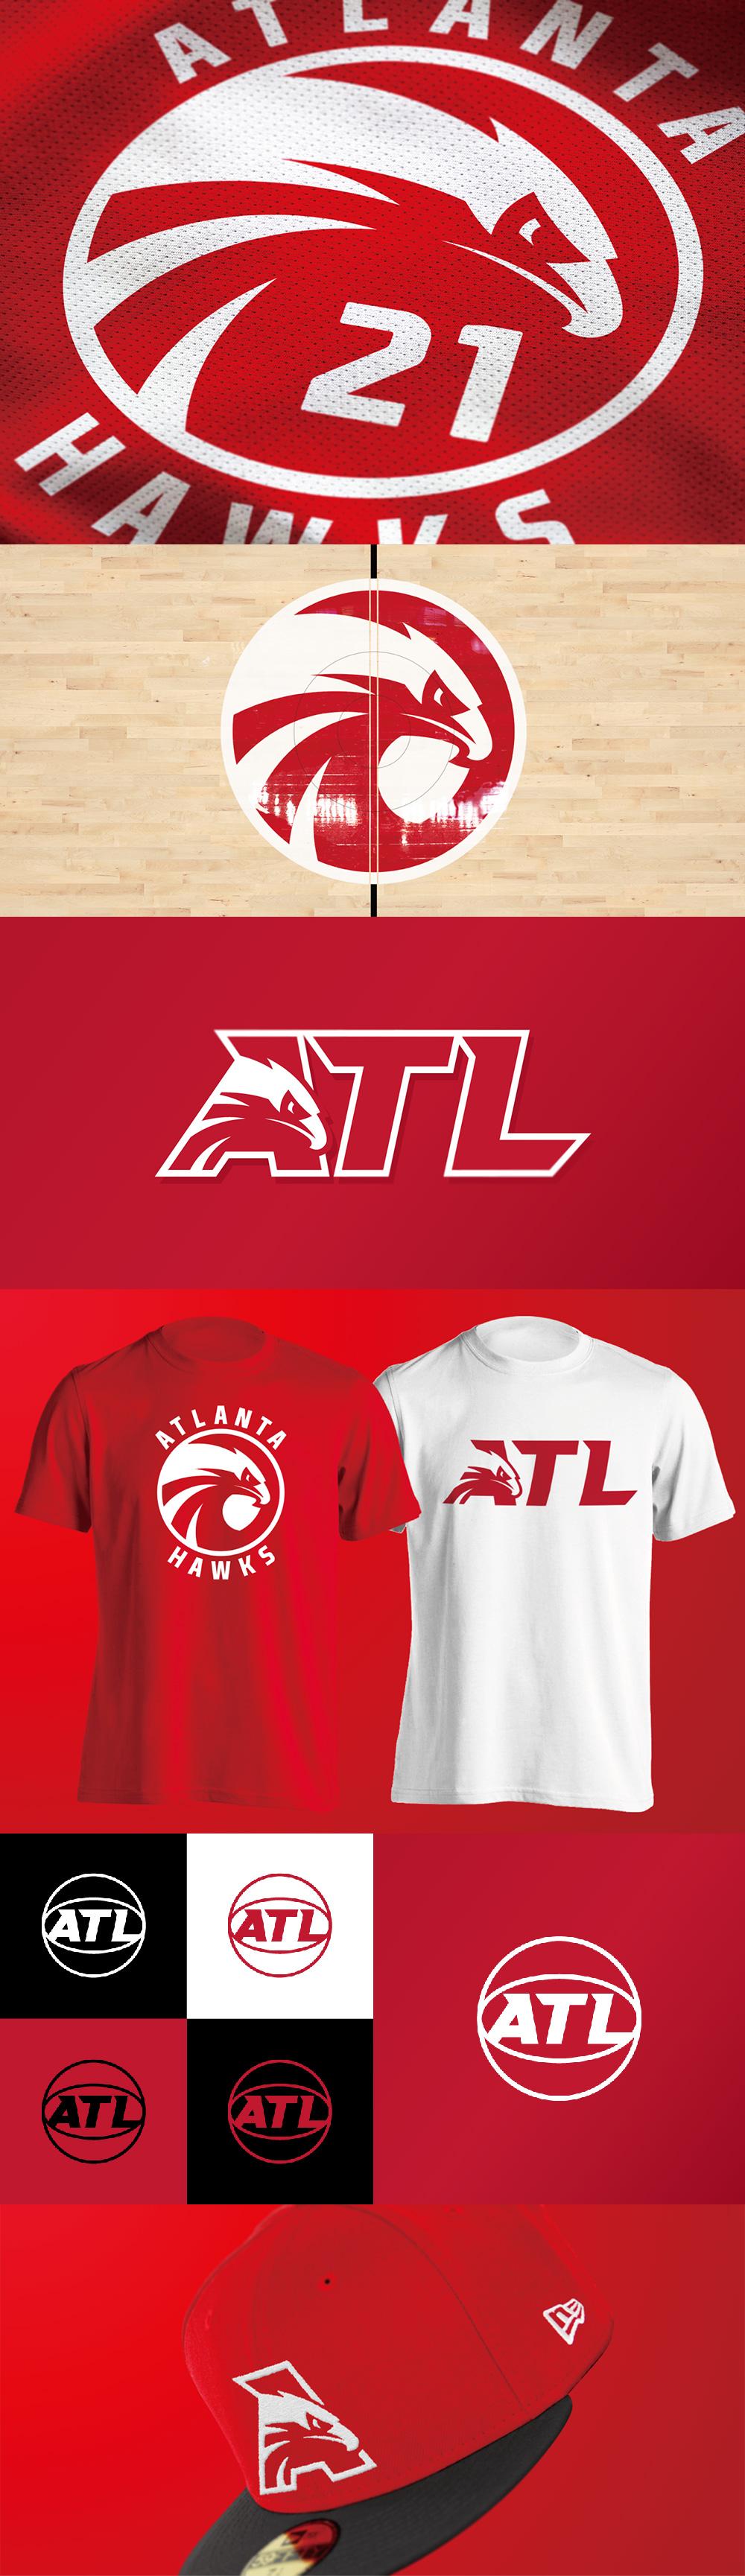 Logotipo del equipo de baloncesto: concepto del logotipo de los Atlanta Hawks por Yu Masuda